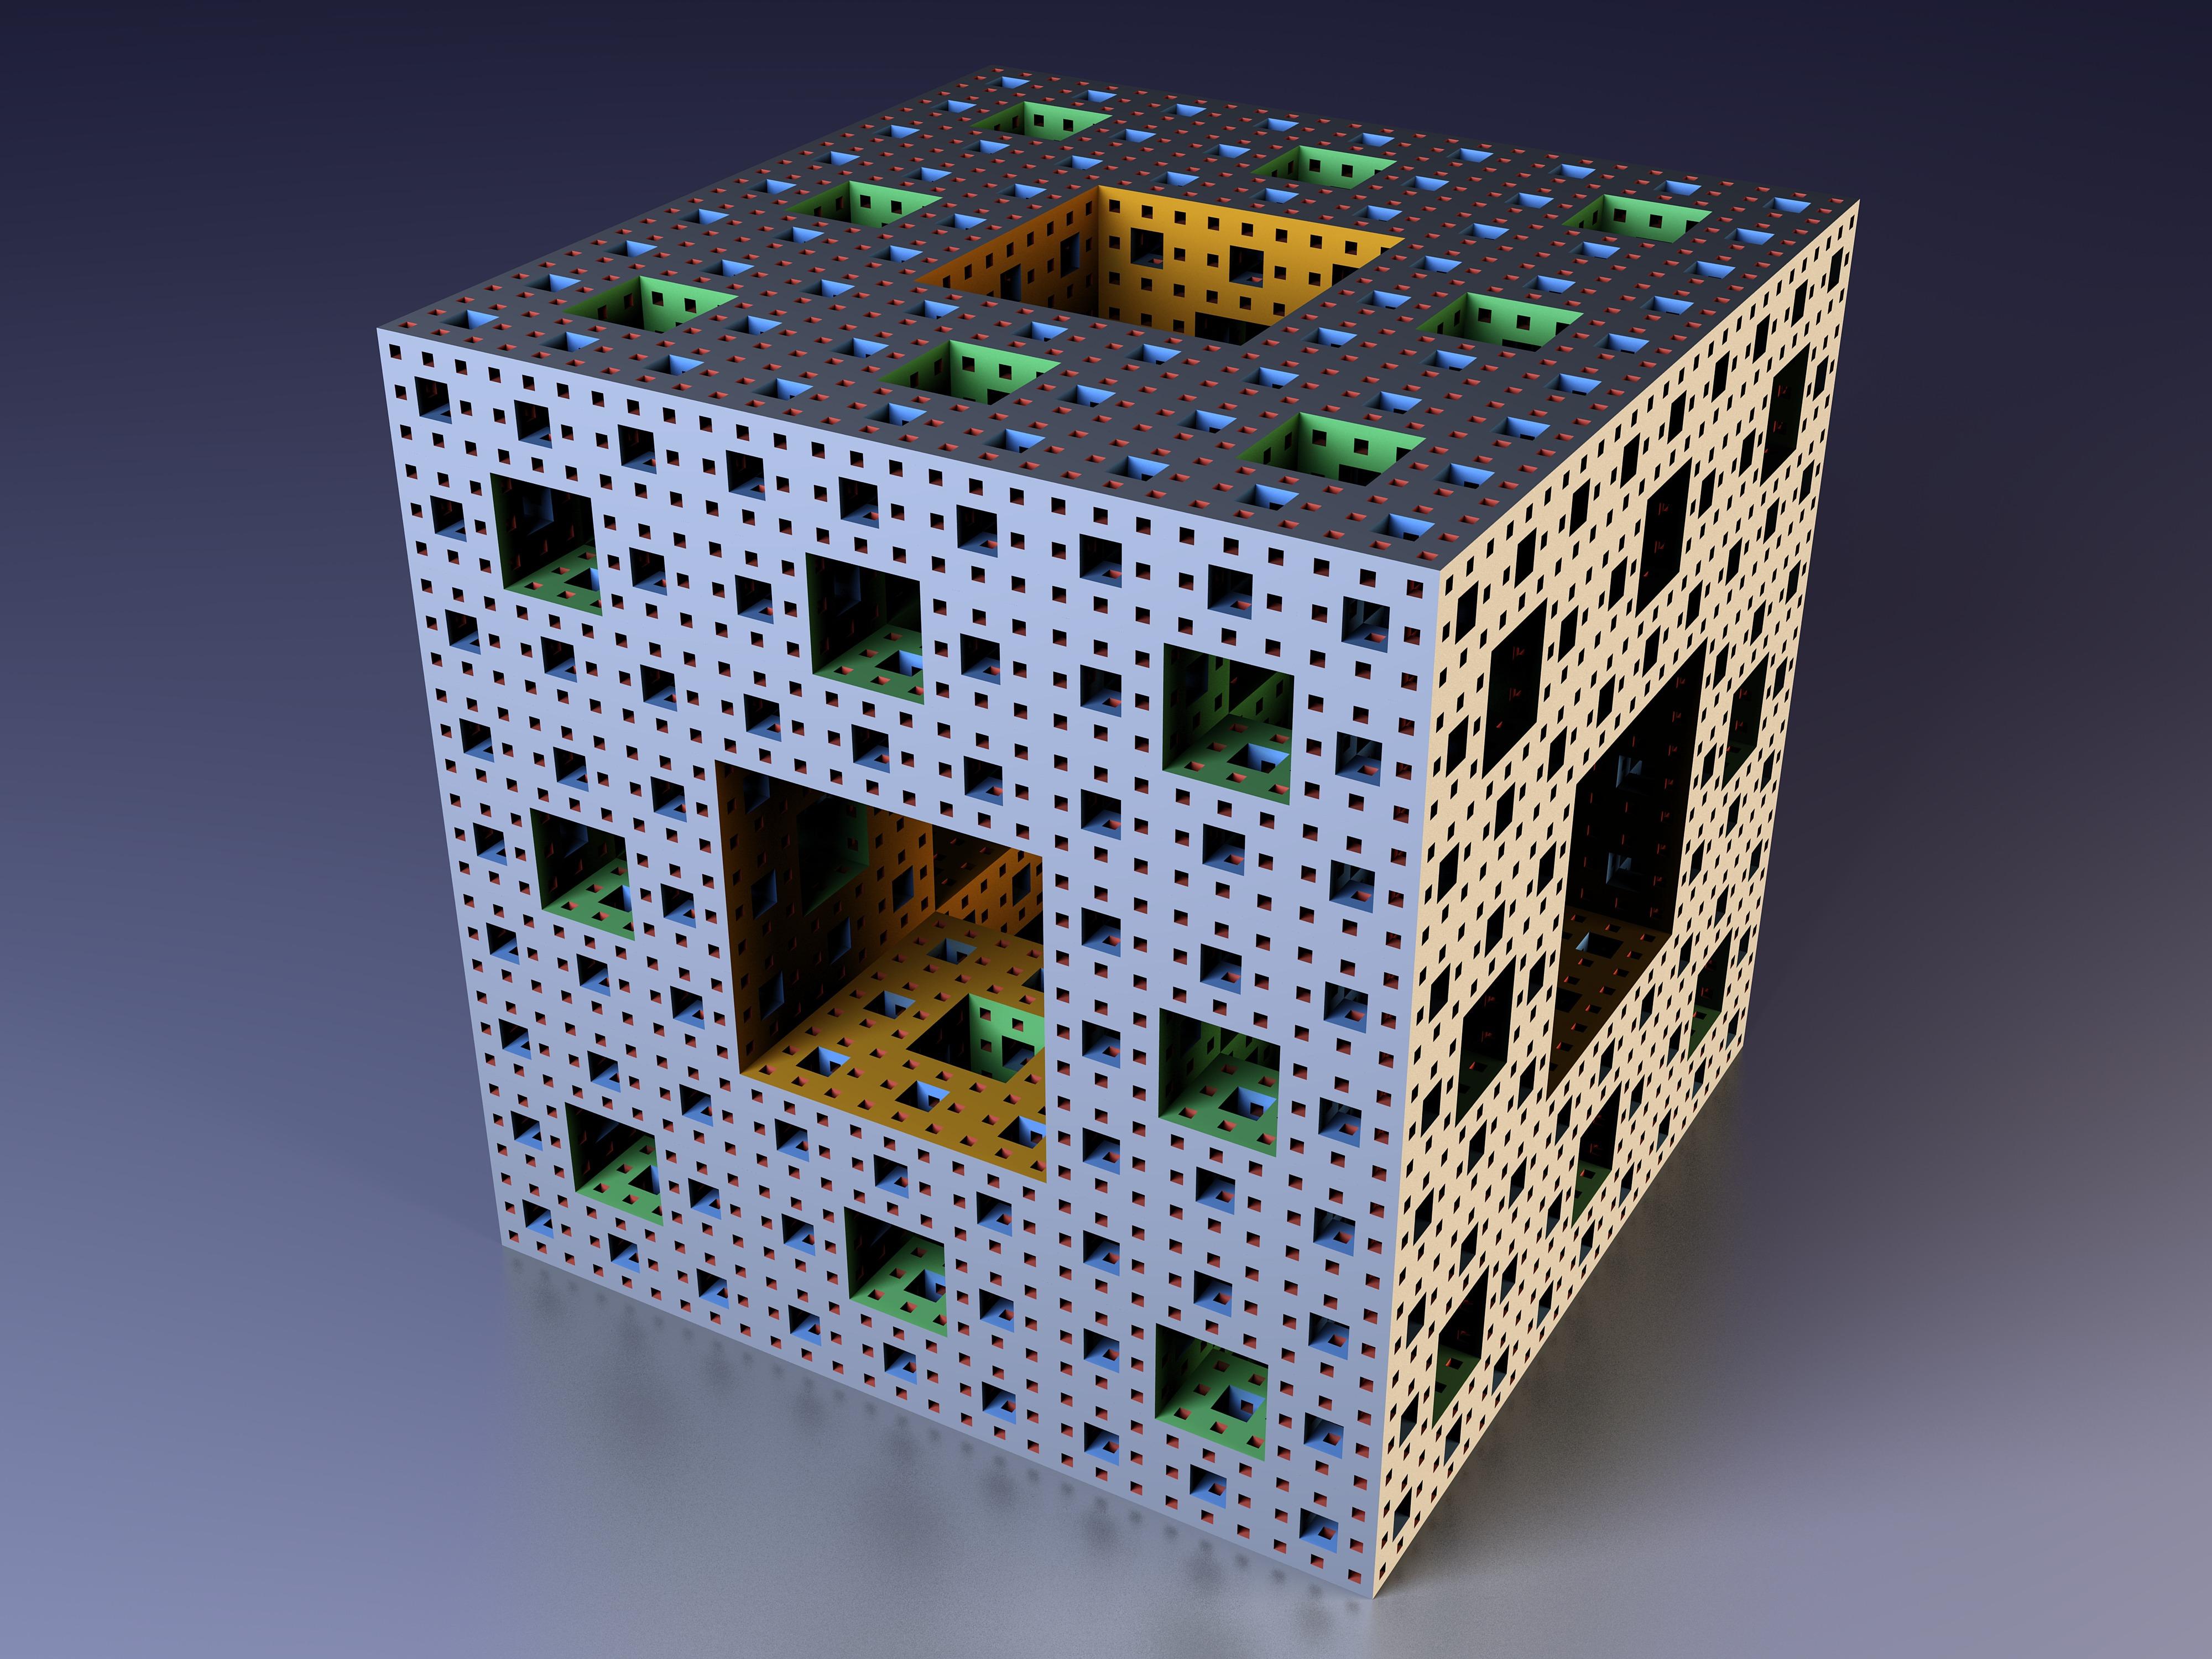 графика 3D кубы цветы graphics Cuba flowers  № 3739357  скачать